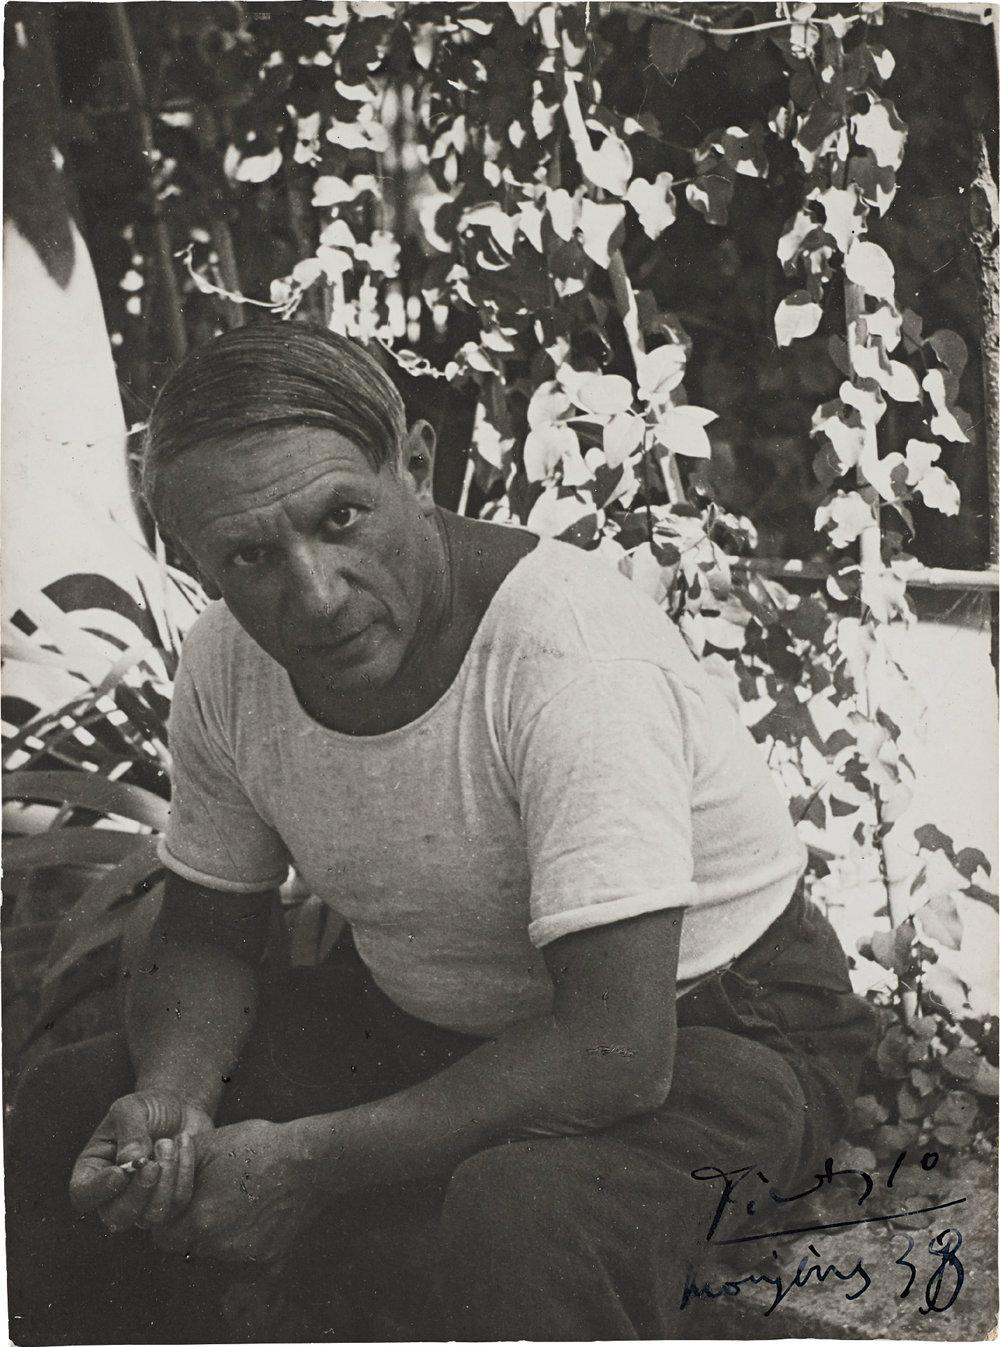 Pablo Picasso, 1938